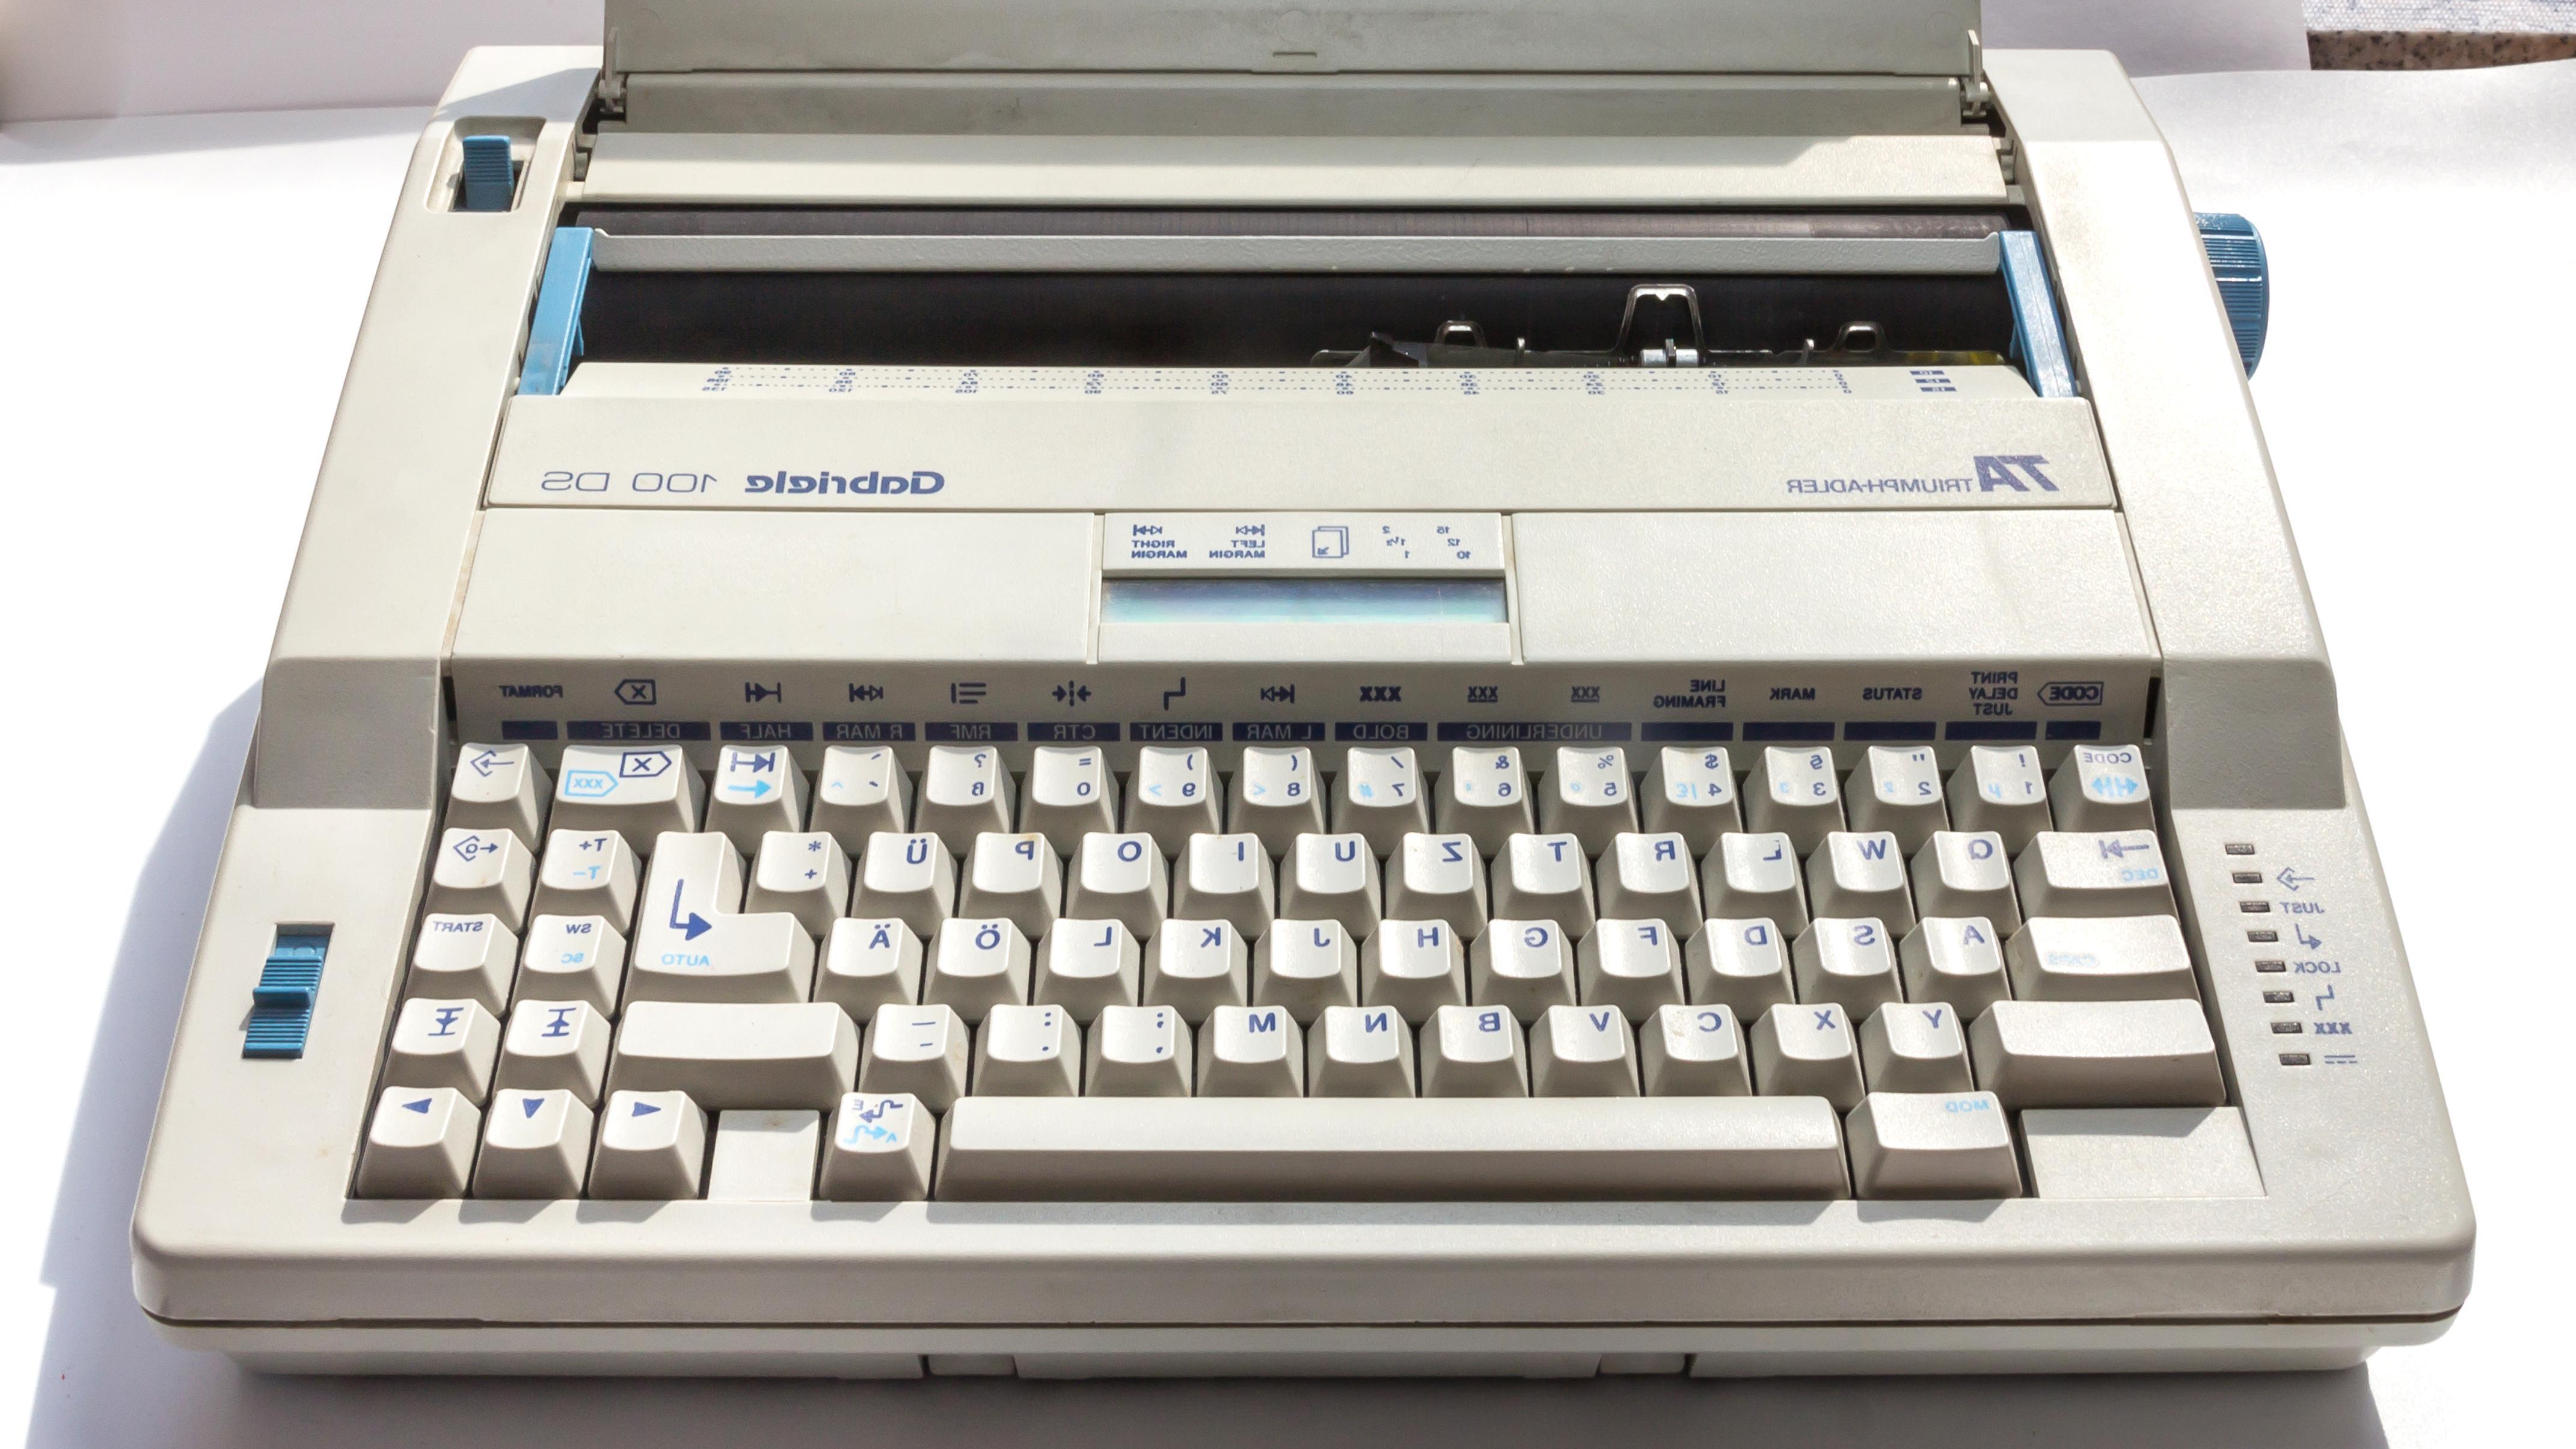 9009 110 Farbband Schreibmaschinenband 188c schwarz TA Gabriele 100 7000L